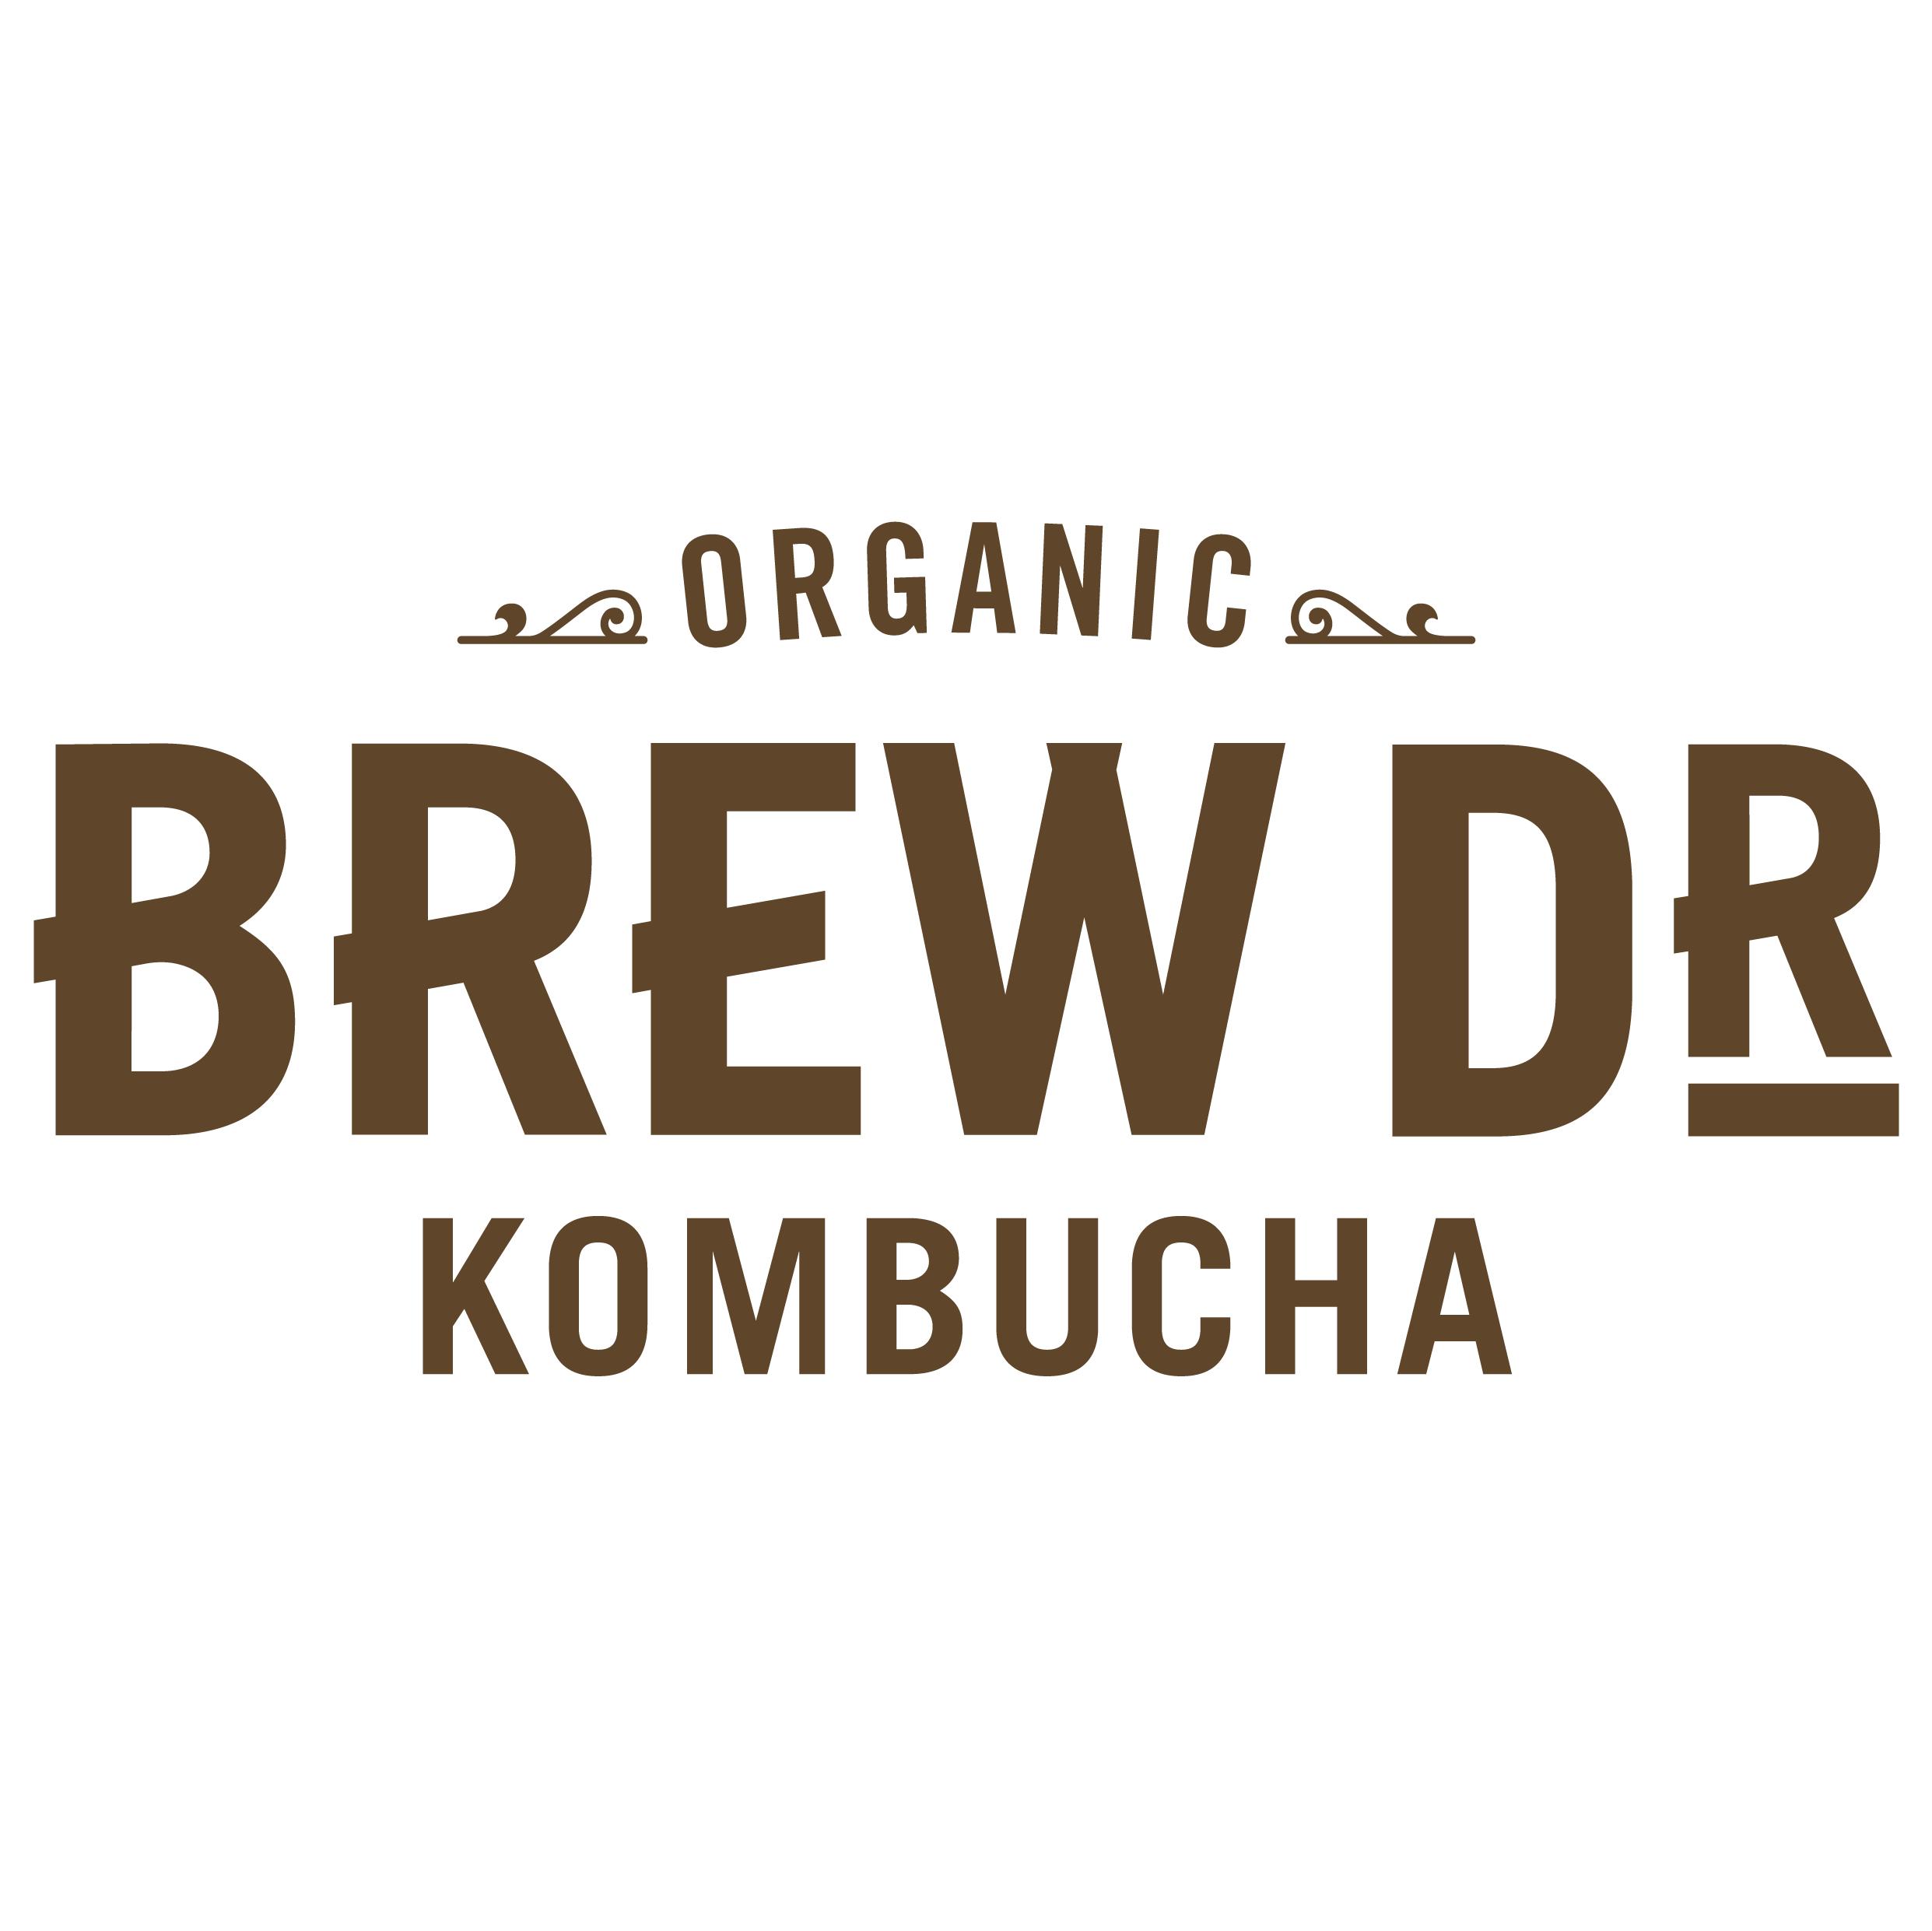 Dr. Brew Kombucha